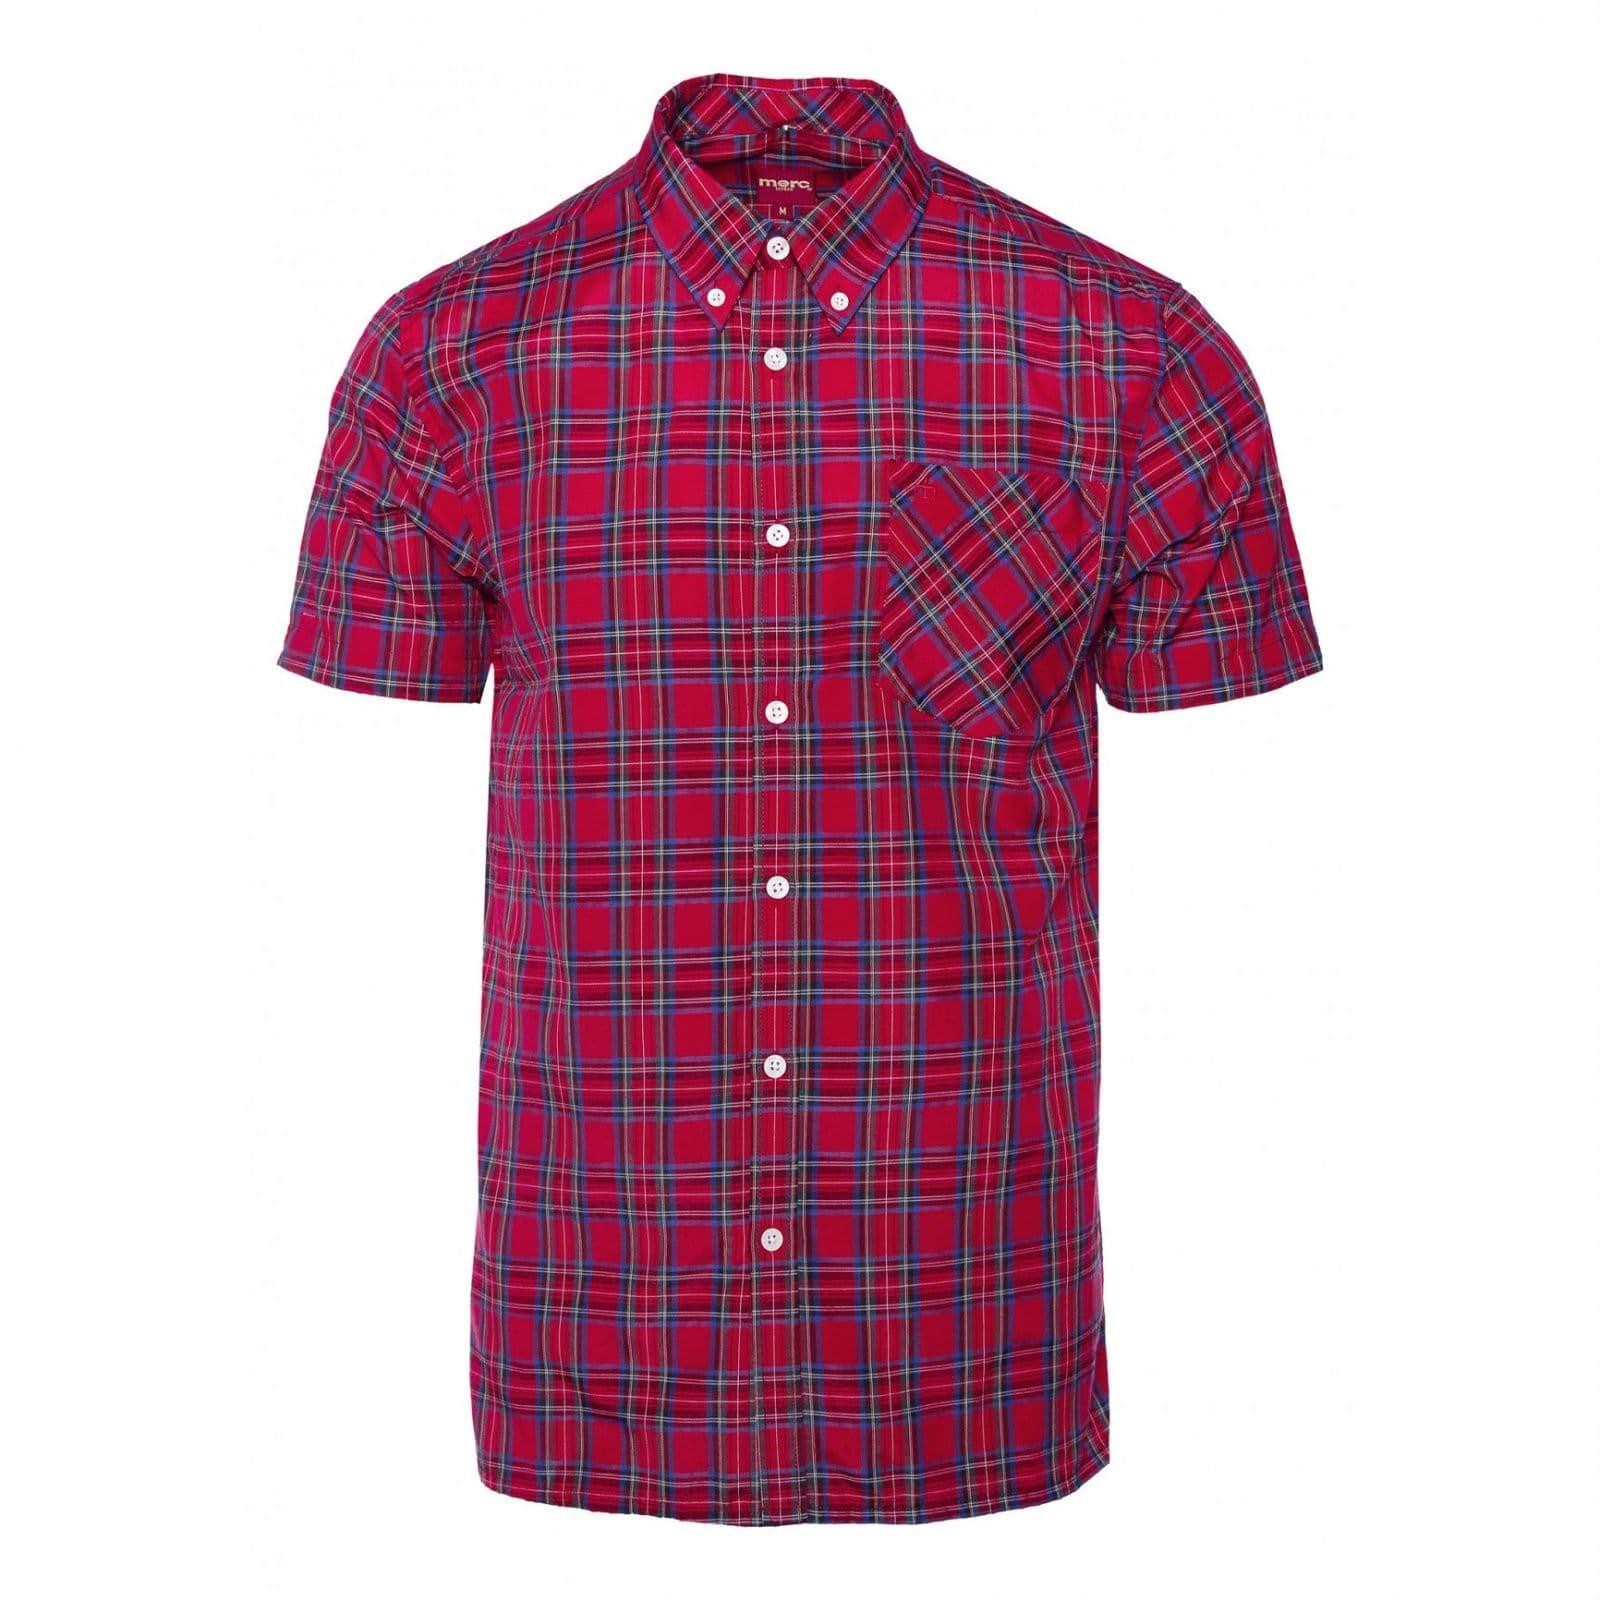 Рубашка MackButton Down<br>Приталенная мужская рубашка из тонкого, дышащего материала, в традиционную для британского стиля &amp;amp;quot;тартановую&amp;amp;quot; клетку. Можно носить навыпуск или заправлять в брюки, комбинируя с трикотажем, ветровкой или плащом. Классический воротник типа &amp;amp;quot;button down&amp;amp;quot; пристегнут к основанию рубашки на пуговицы, что делает ее идеальной парой для пуловера с V-образным вырезом или свитера. Принадлежит к базовой линии &amp;amp;quot;Core&amp;amp;quot; и производится из сезона в сезон, являясь частью наследия Merc look на протяжении многих лет.<br><br>Артикул: 1510112<br>Материал: 65% хлопок 35% полиэстер<br>Цвет: красный тартан<br>Пол: Мужской